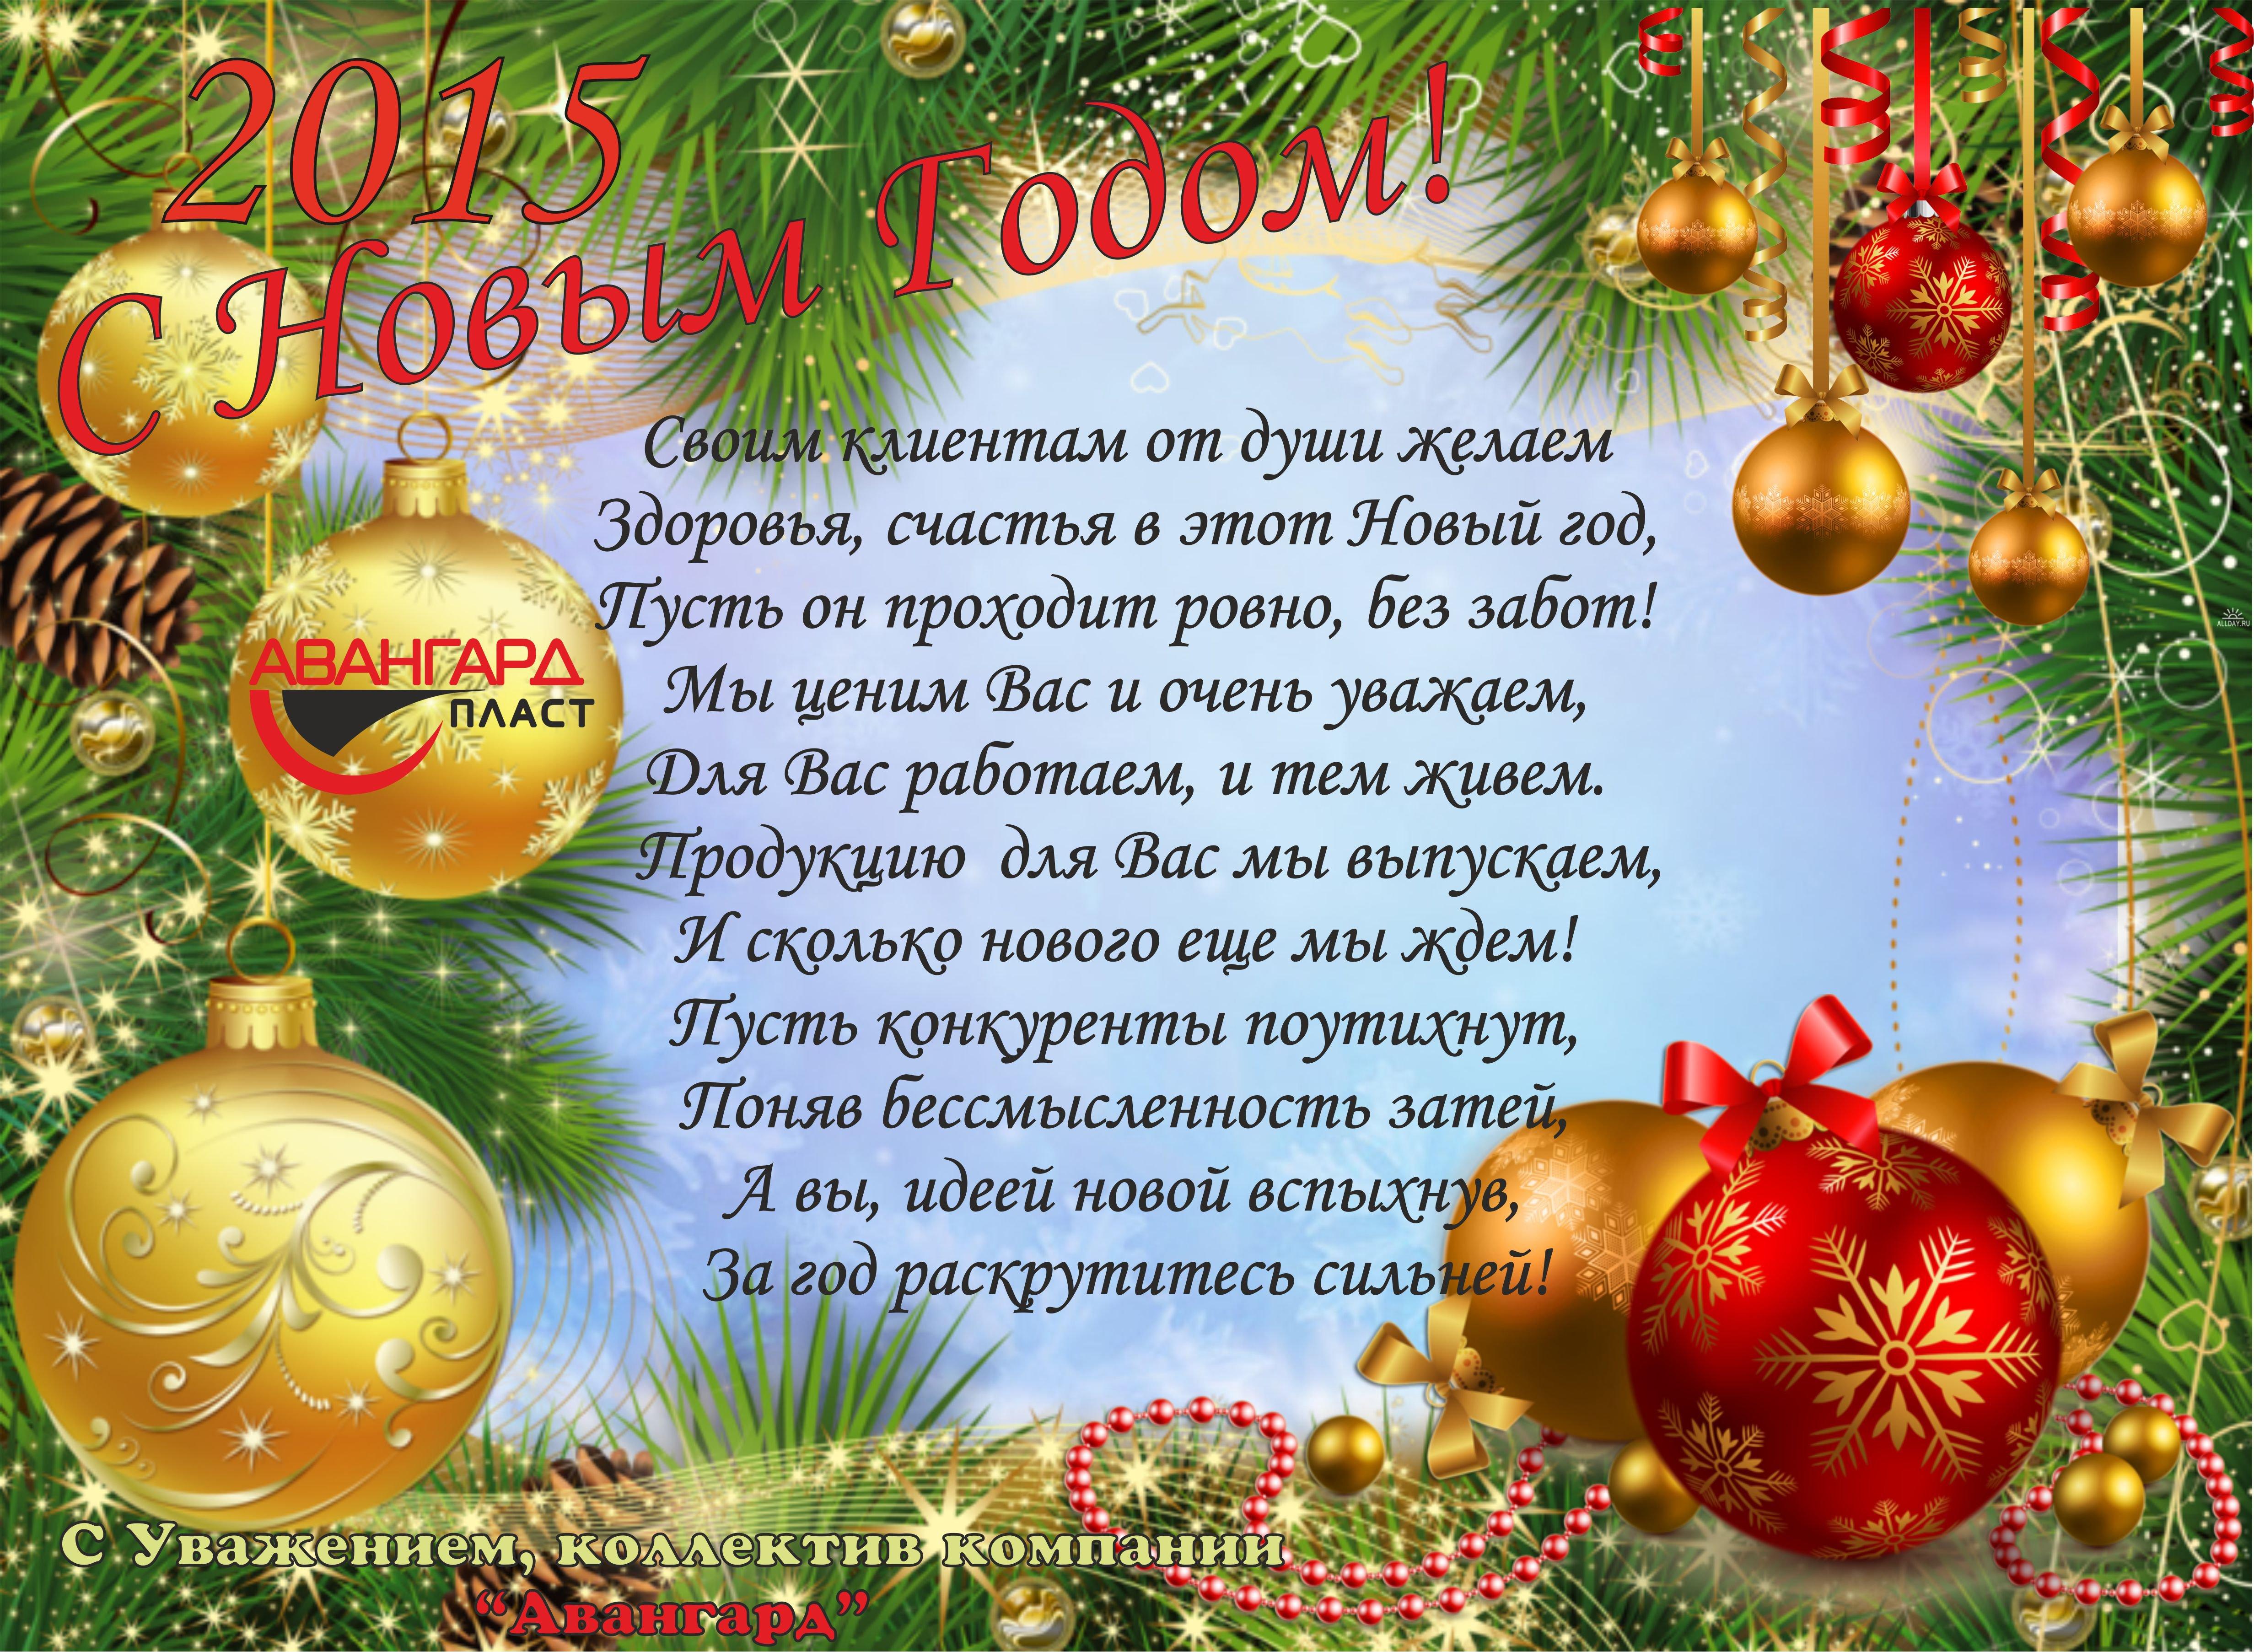 Поздравление партнерам с наступающим новым годом